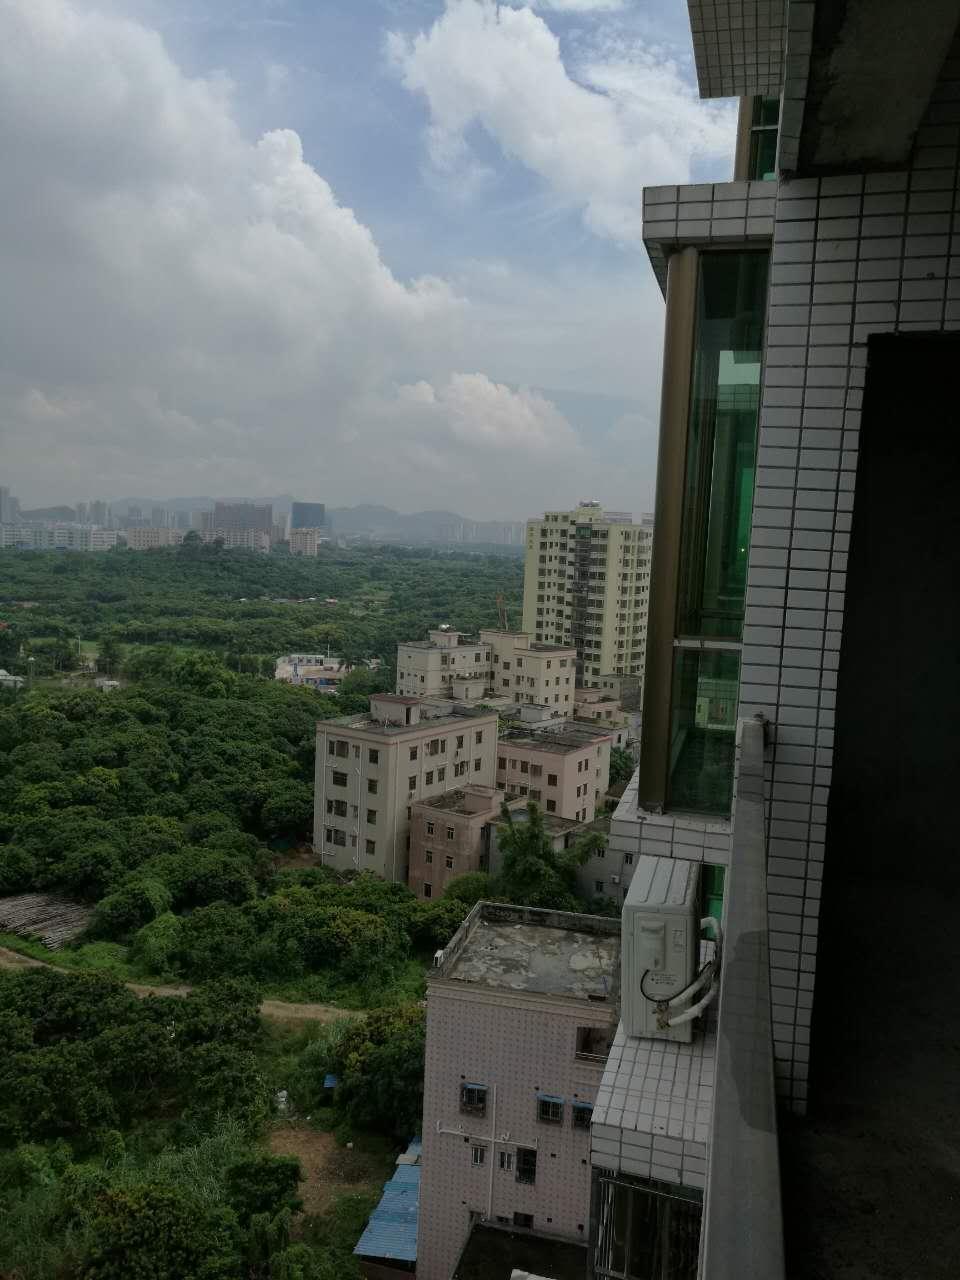 深圳公明楼村小产权三房110平米58万,户型方正实用 跳蚤市场 个人房源 深圳 三房二厅 第3张